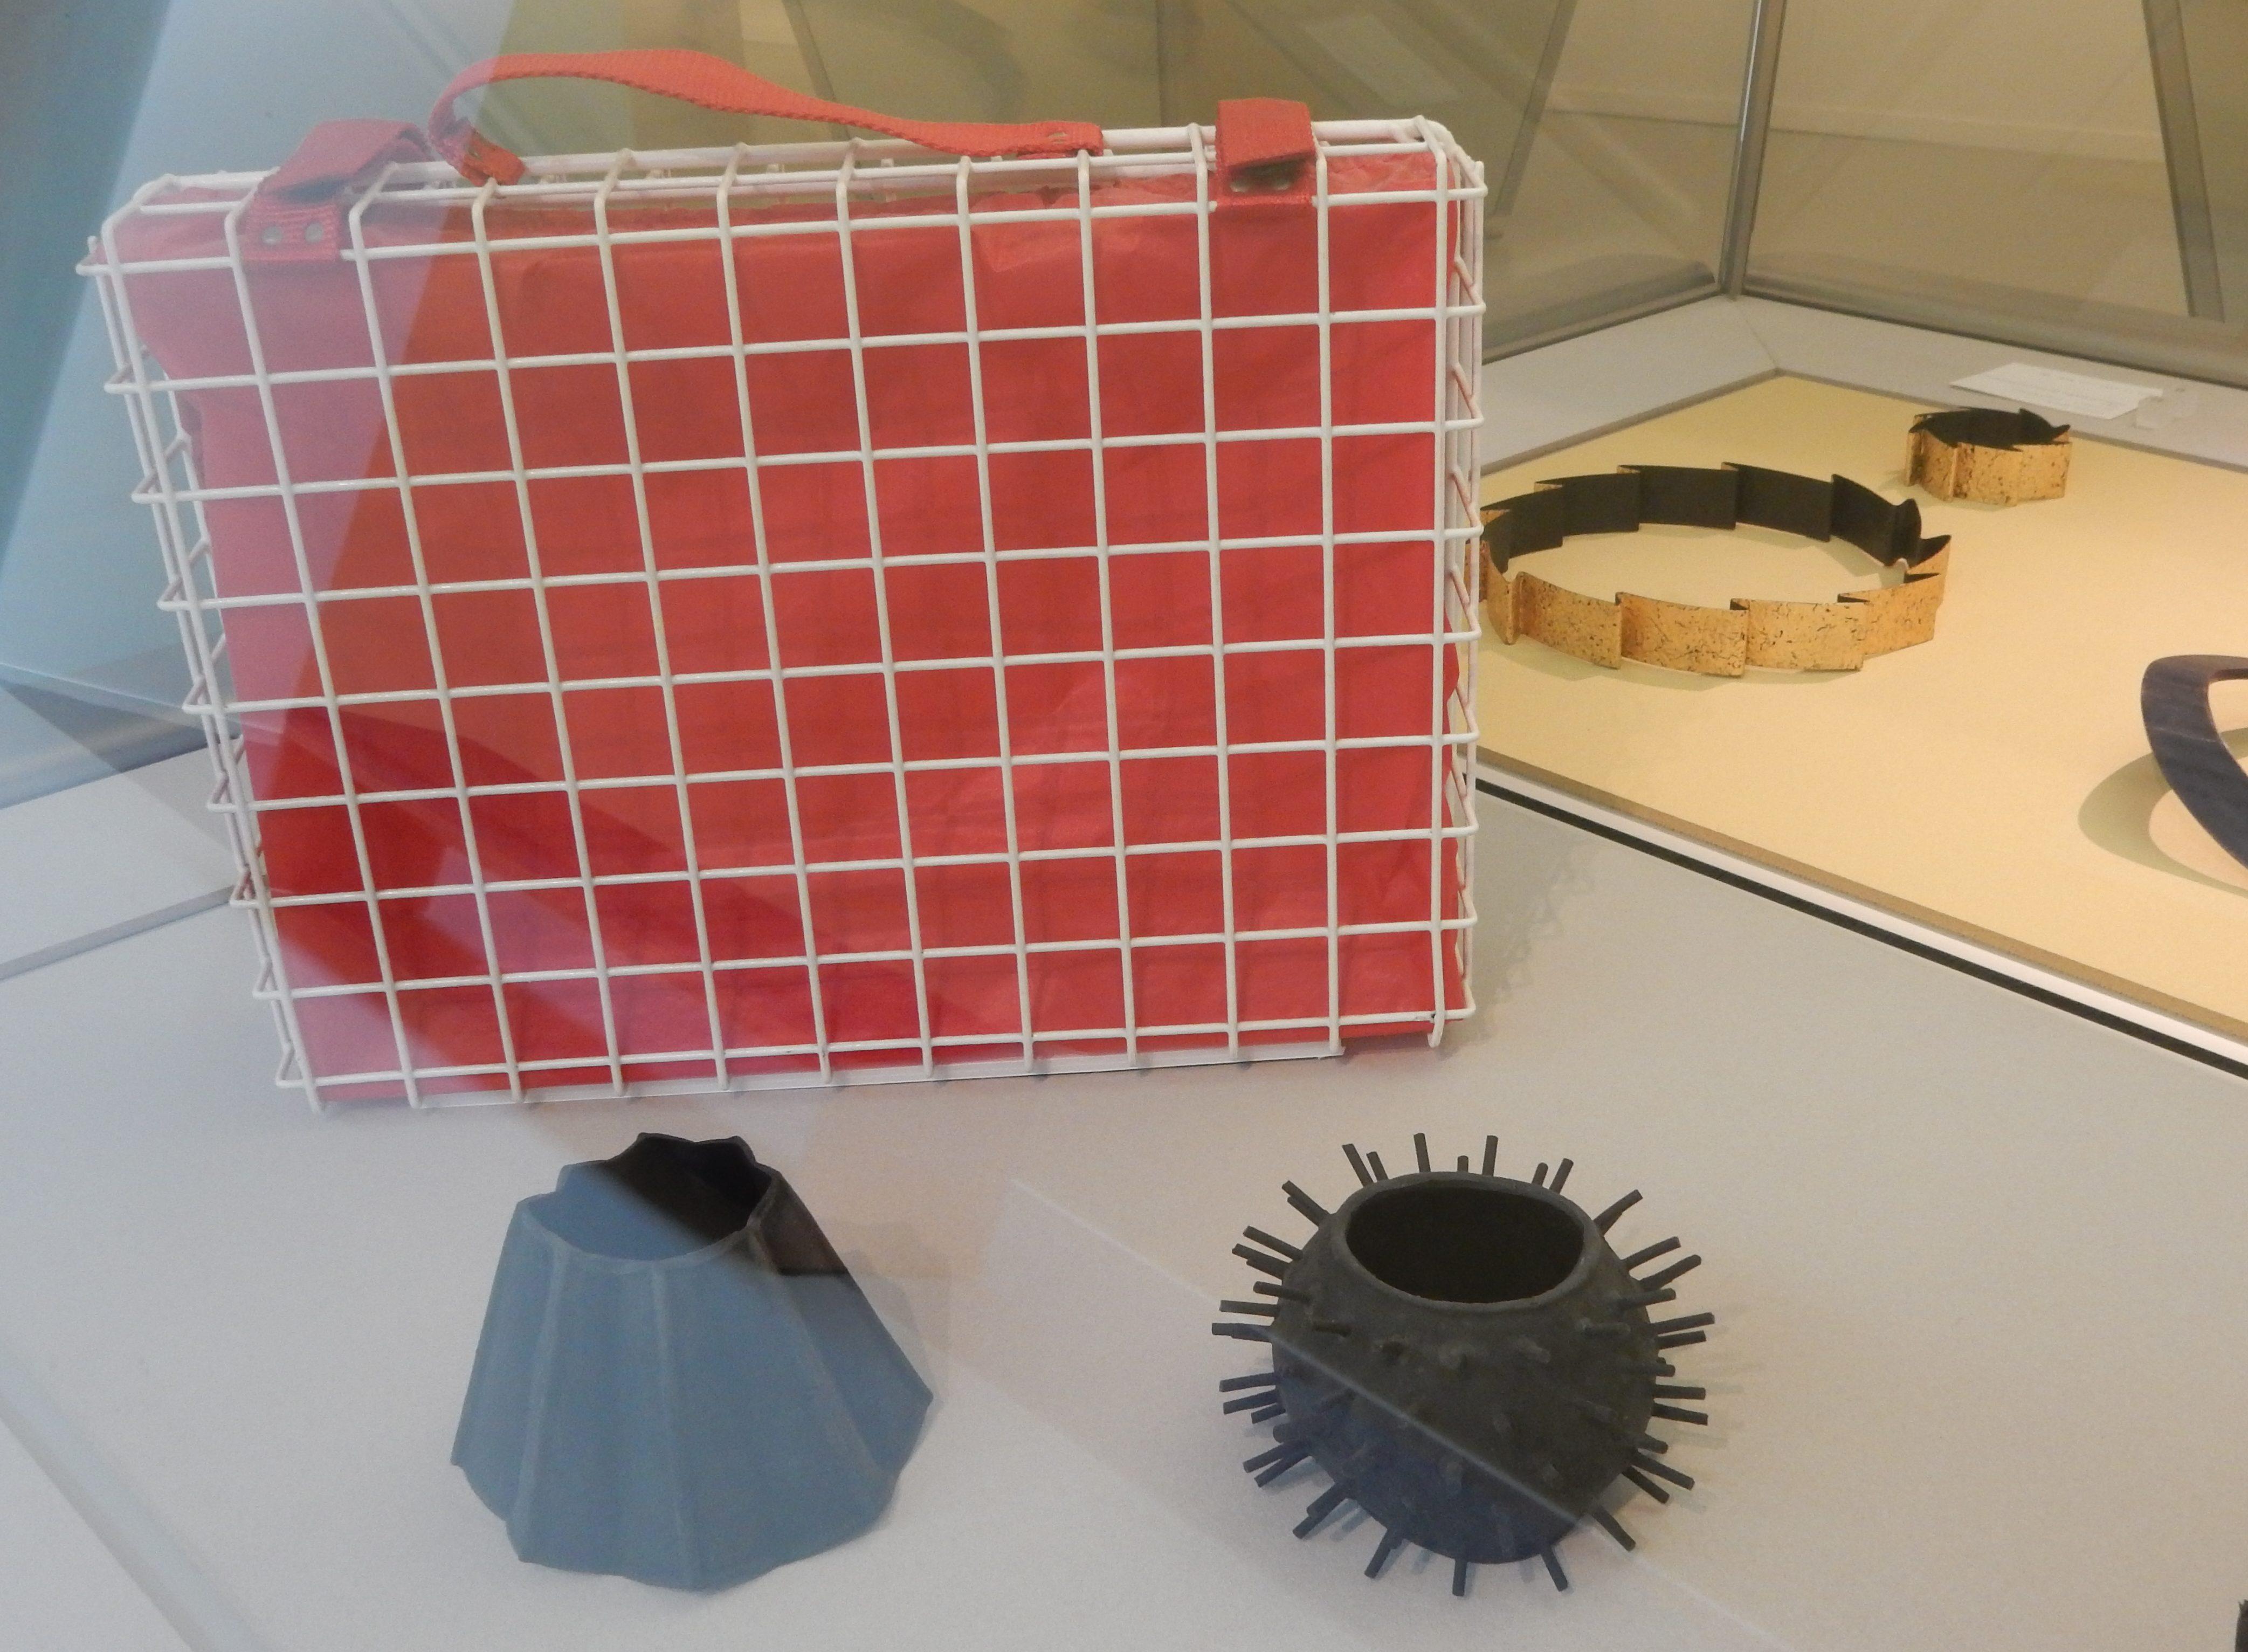 Maria Hees. De verzameling van Jurriaan van den Berg in CODA, 2018, tentoonstelling, metaal, kunststof, rubber